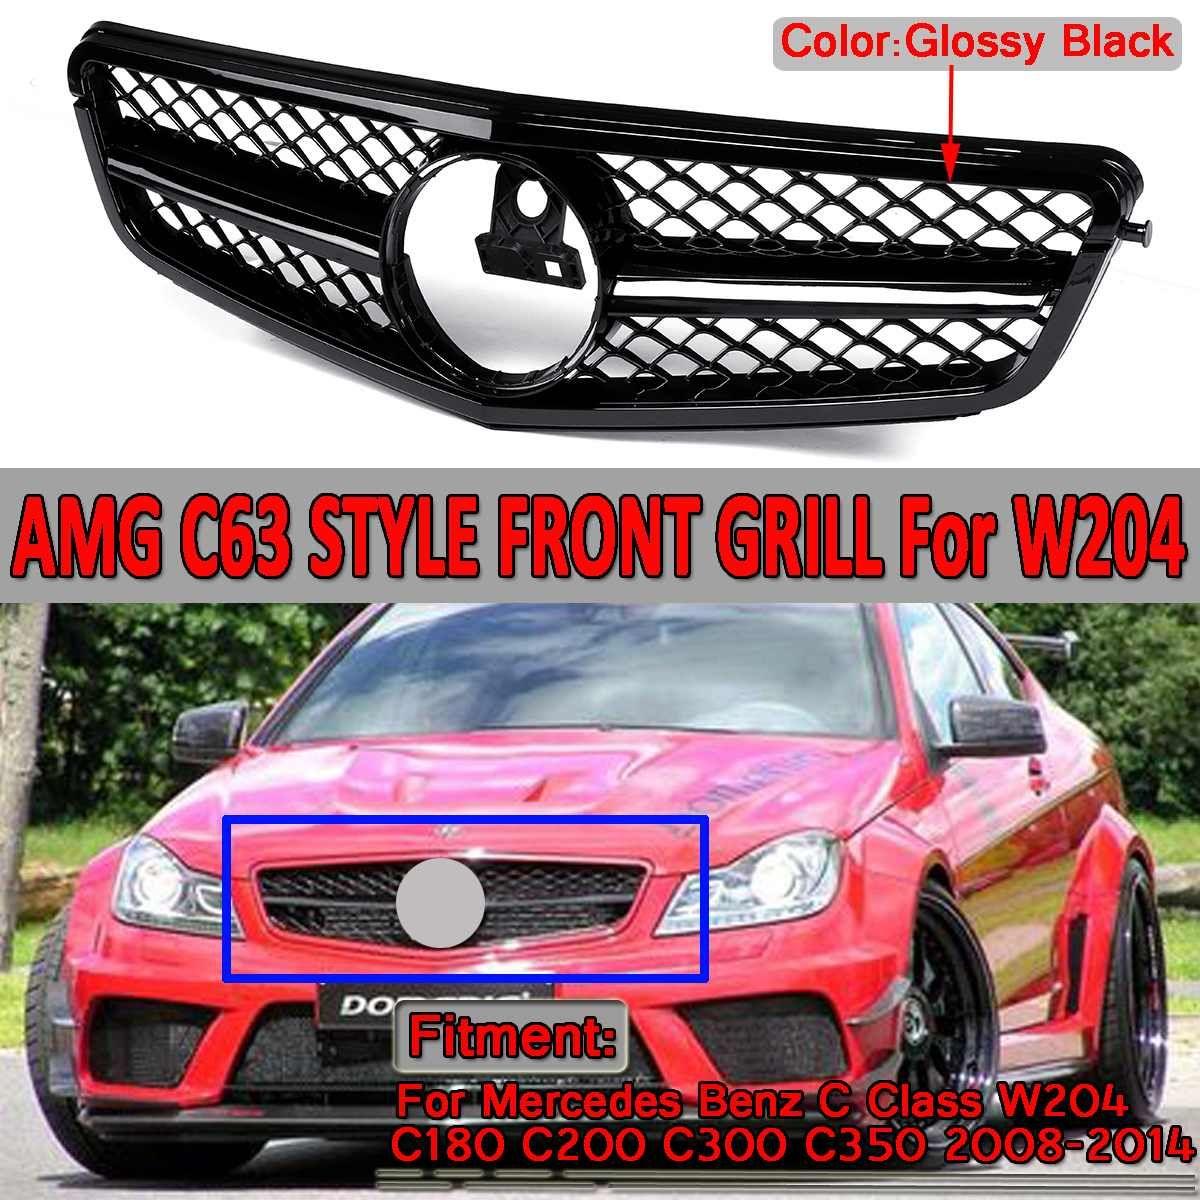 W204 C63 Grill Auto Front Oberen Kühlergrill Grill Für Mercedes Für Benz C Klasse W204 C180 C200 C300 C350 2008 -2014 für AMG C63 Stil